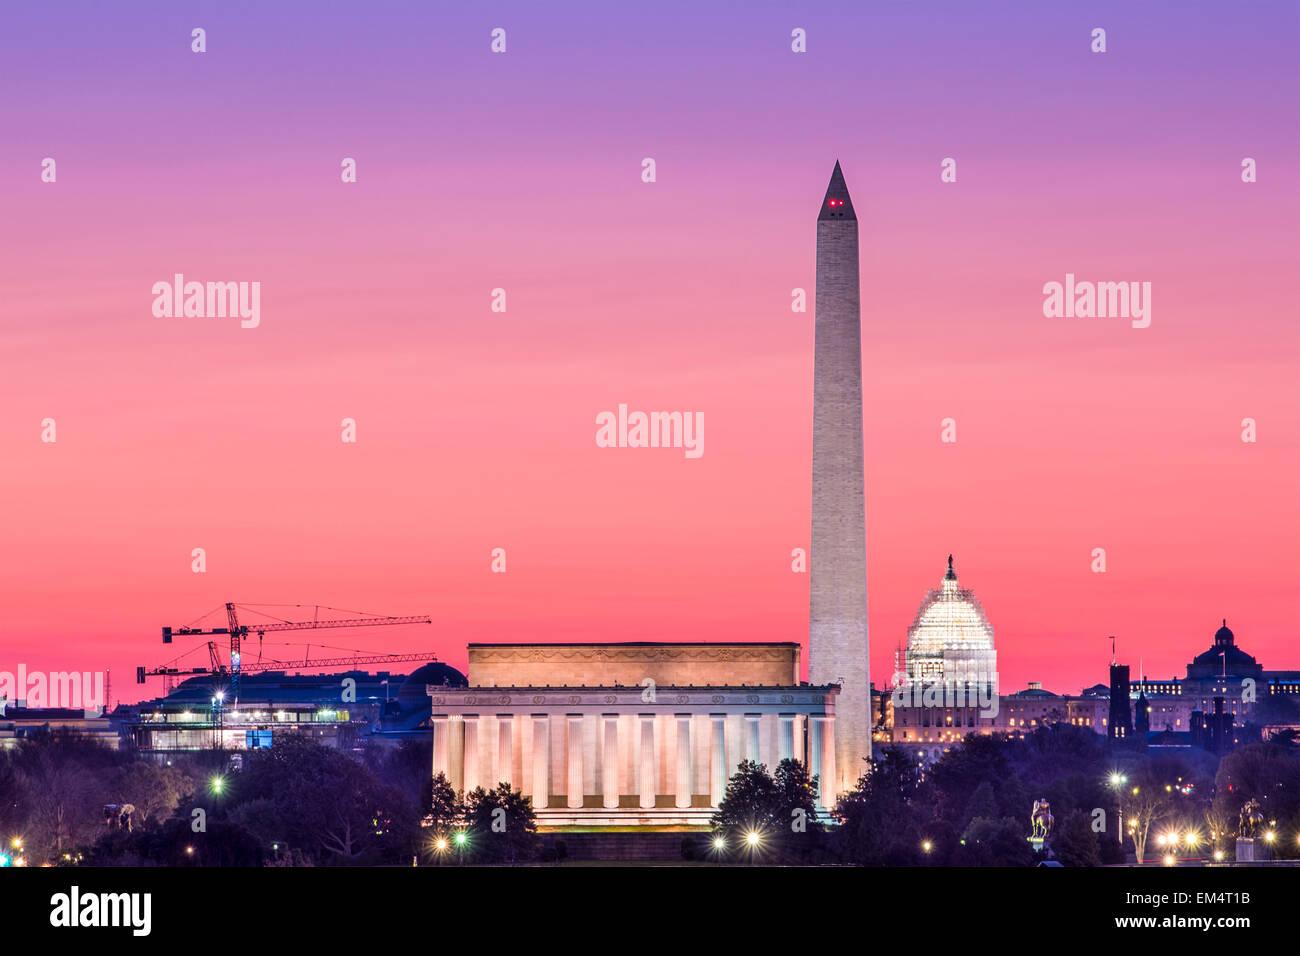 Washington, DC monument skyline. - Stock Image